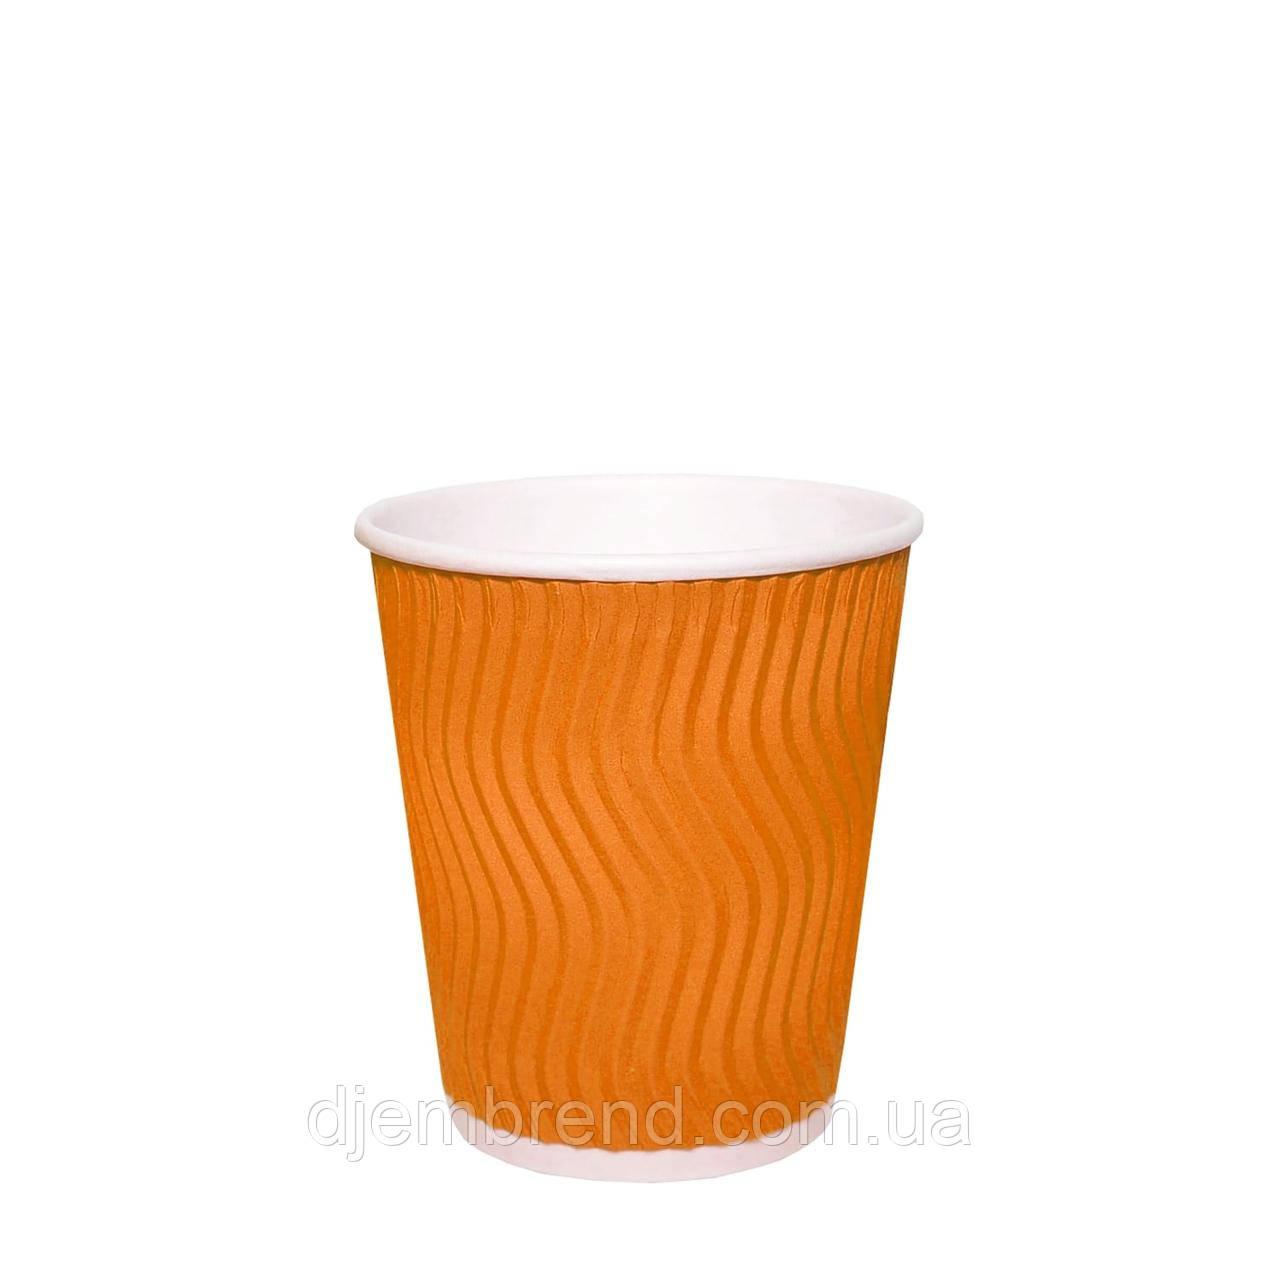 Стакан бумажный гофрированный Эко-гофра Оранжевый 250мл. (8oz) 25шт/уп (1ящ/20уп/500шт) (КР81)